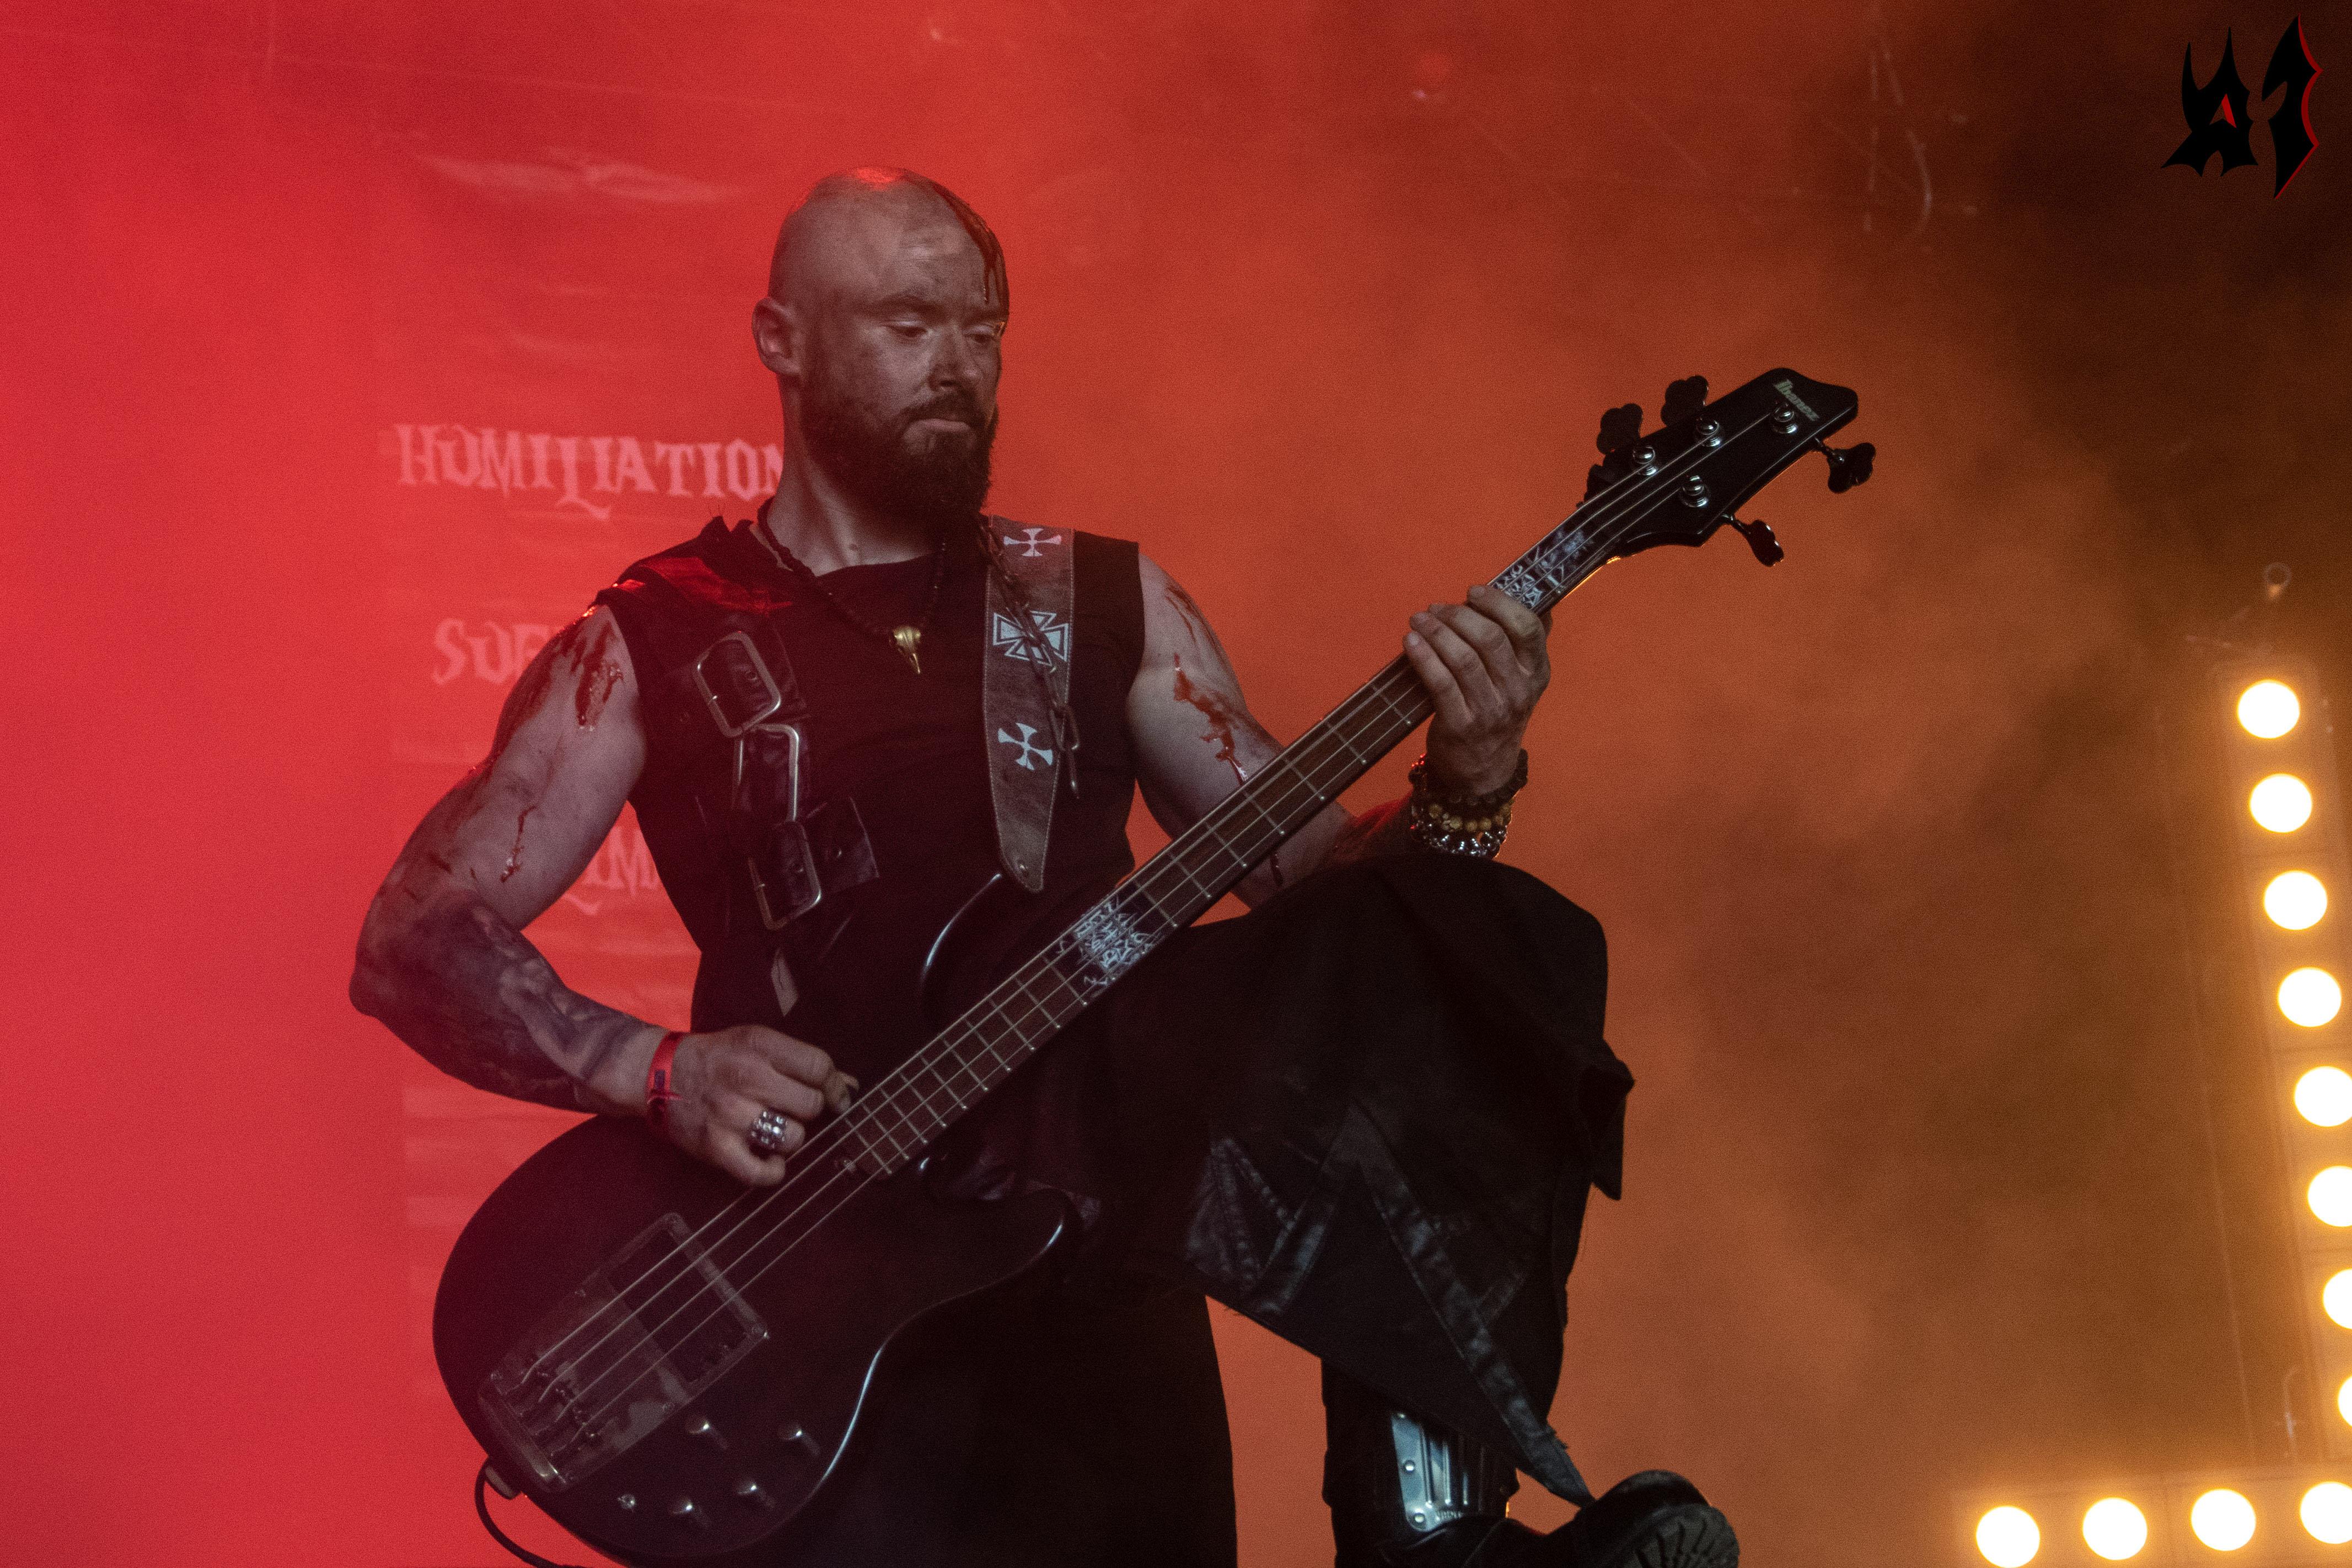 Hellfest - Bliss Of Flesh - 7